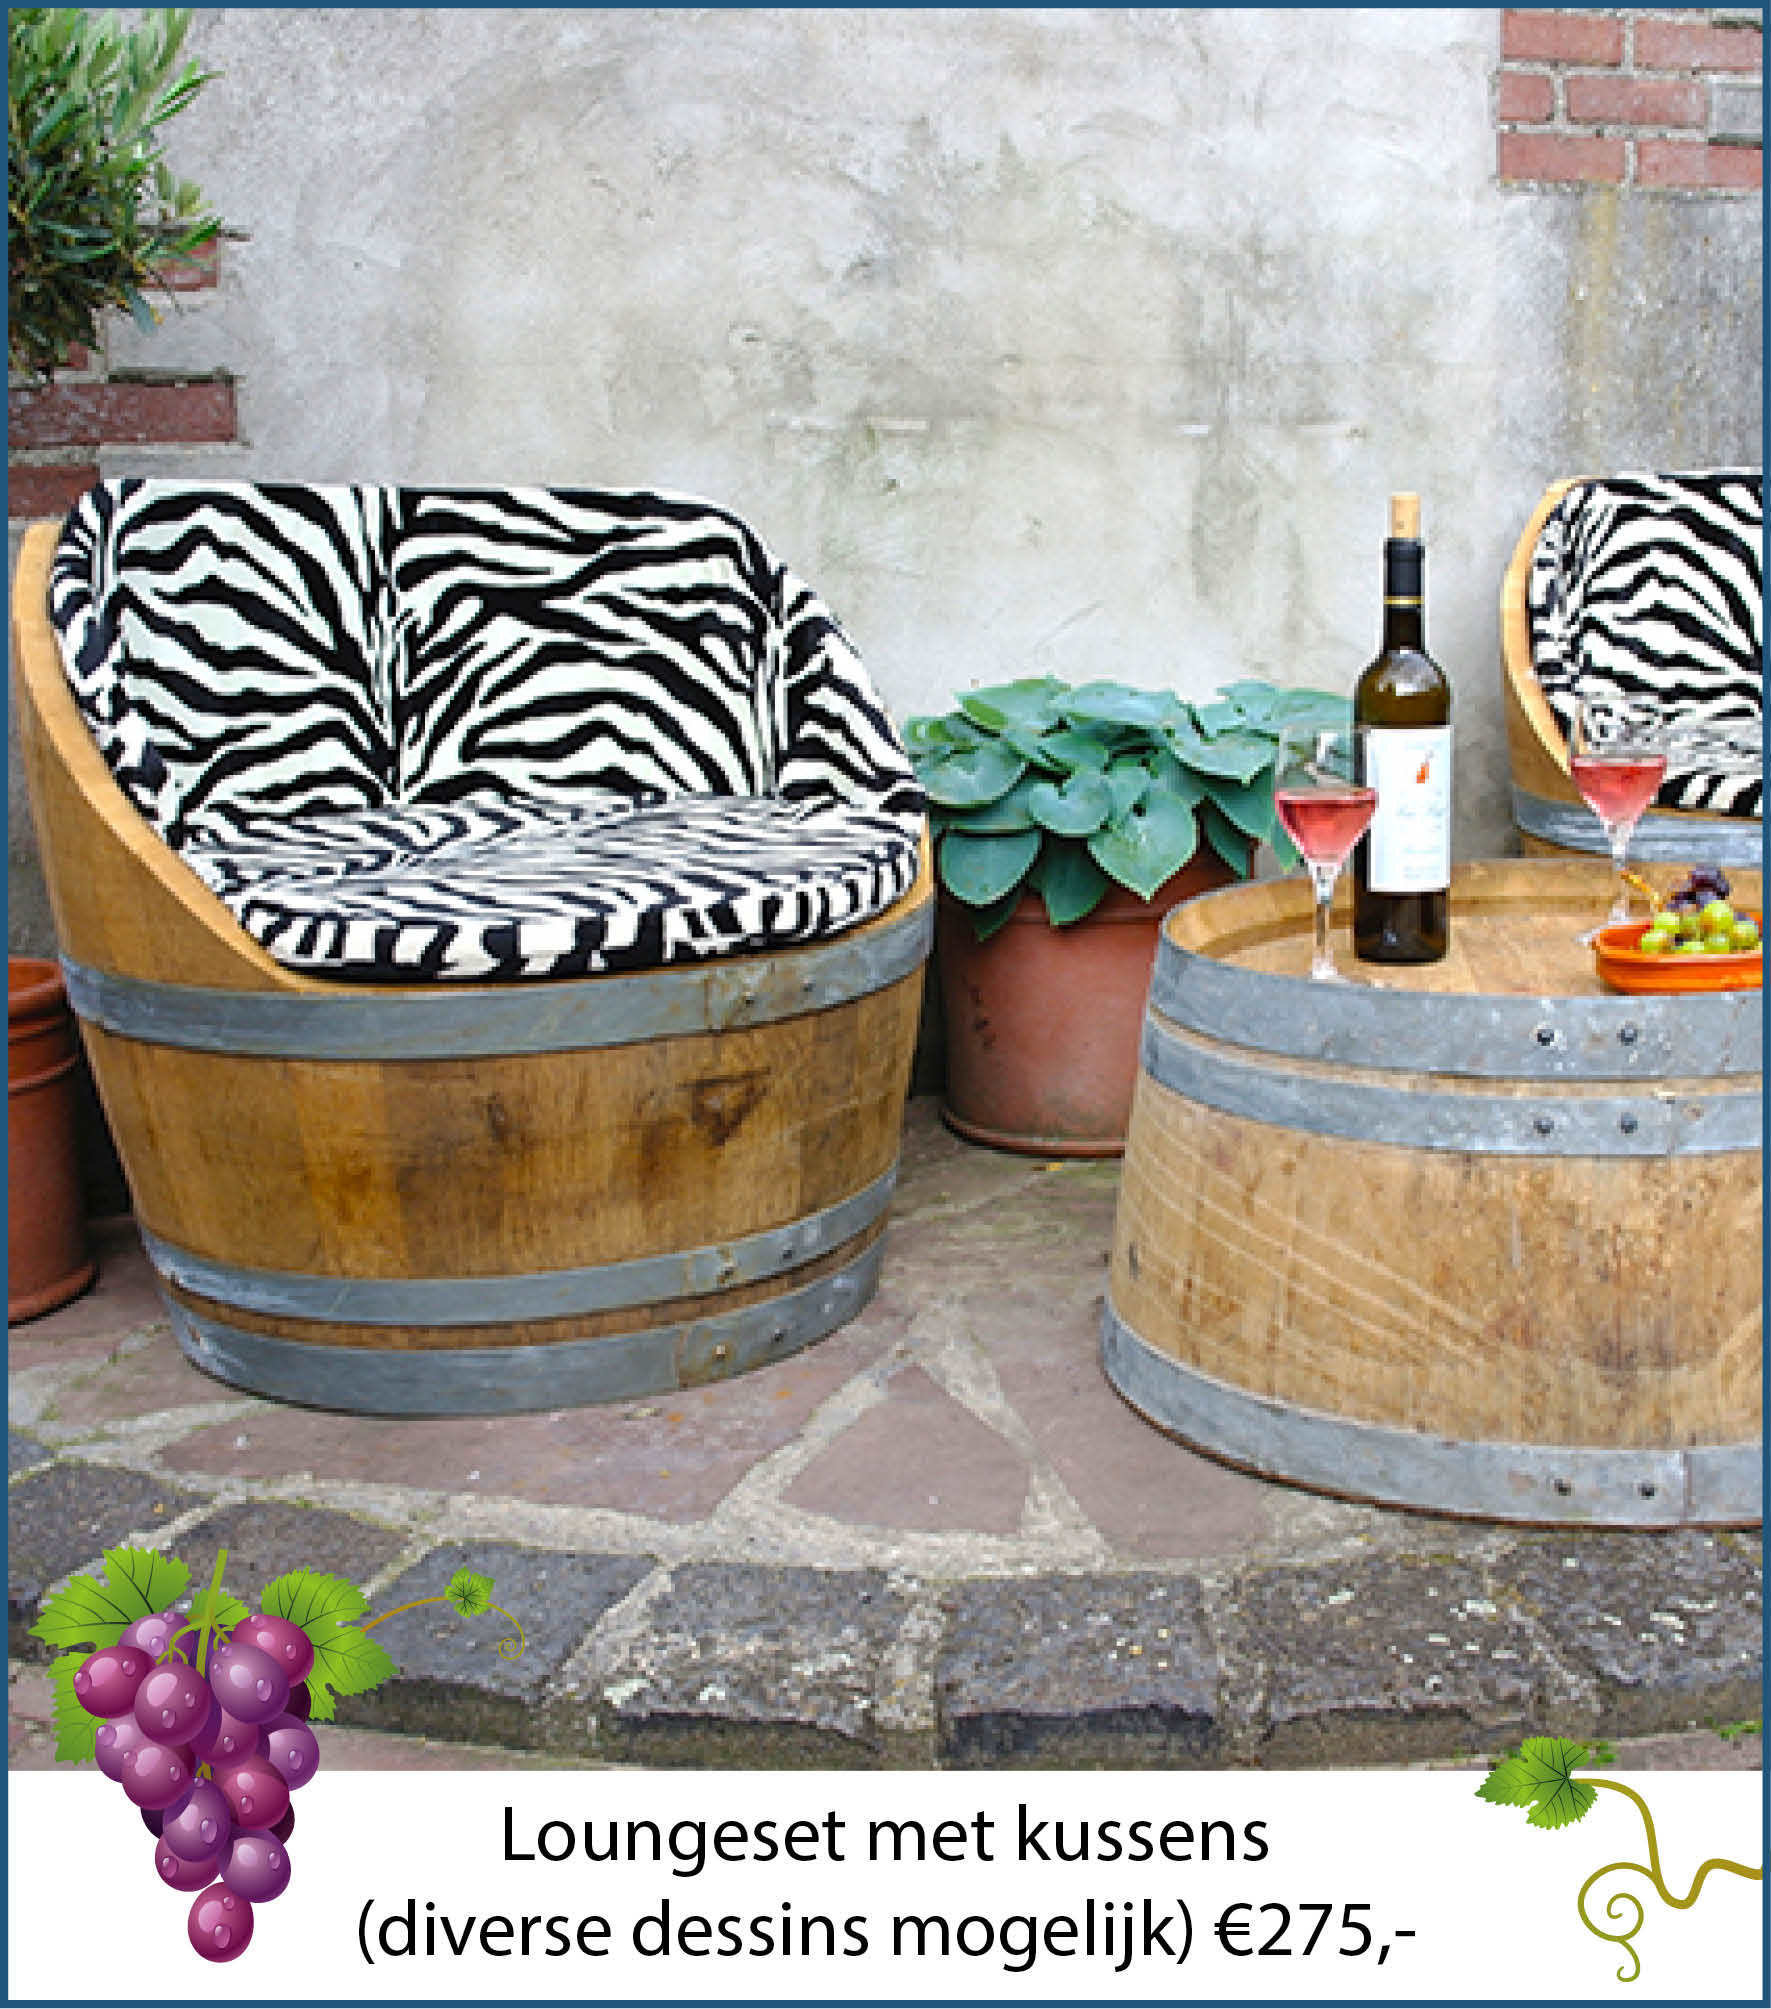 Wijnvaten   Klusservice Laarbeek